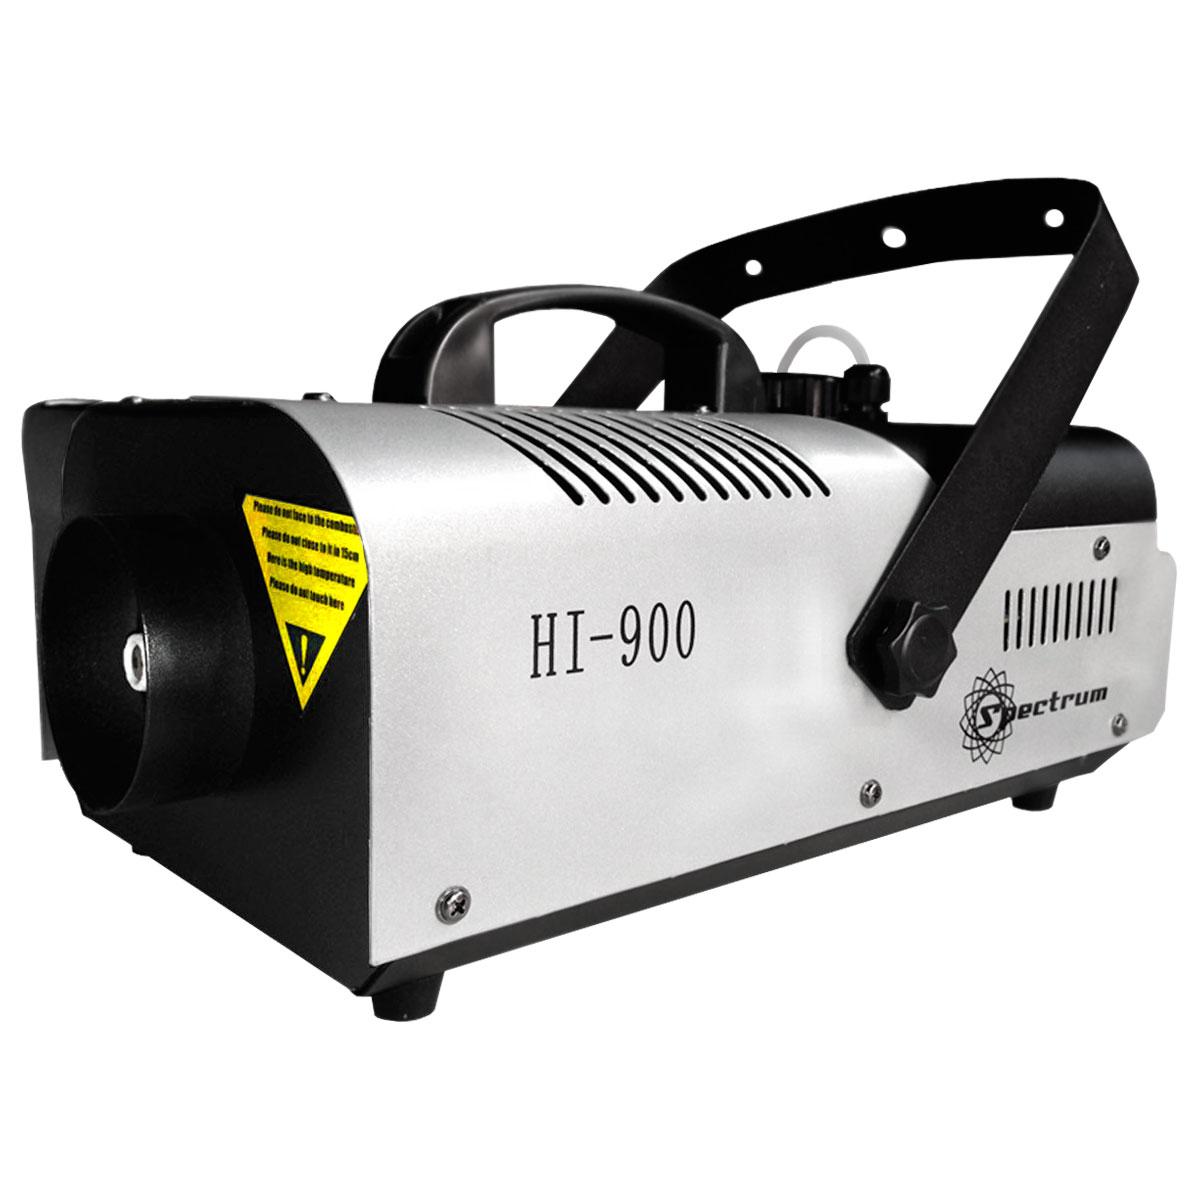 HI900 - Máquina de Fumaça 900W 220V c/ Controle Remoto HI 900 - Spectrum